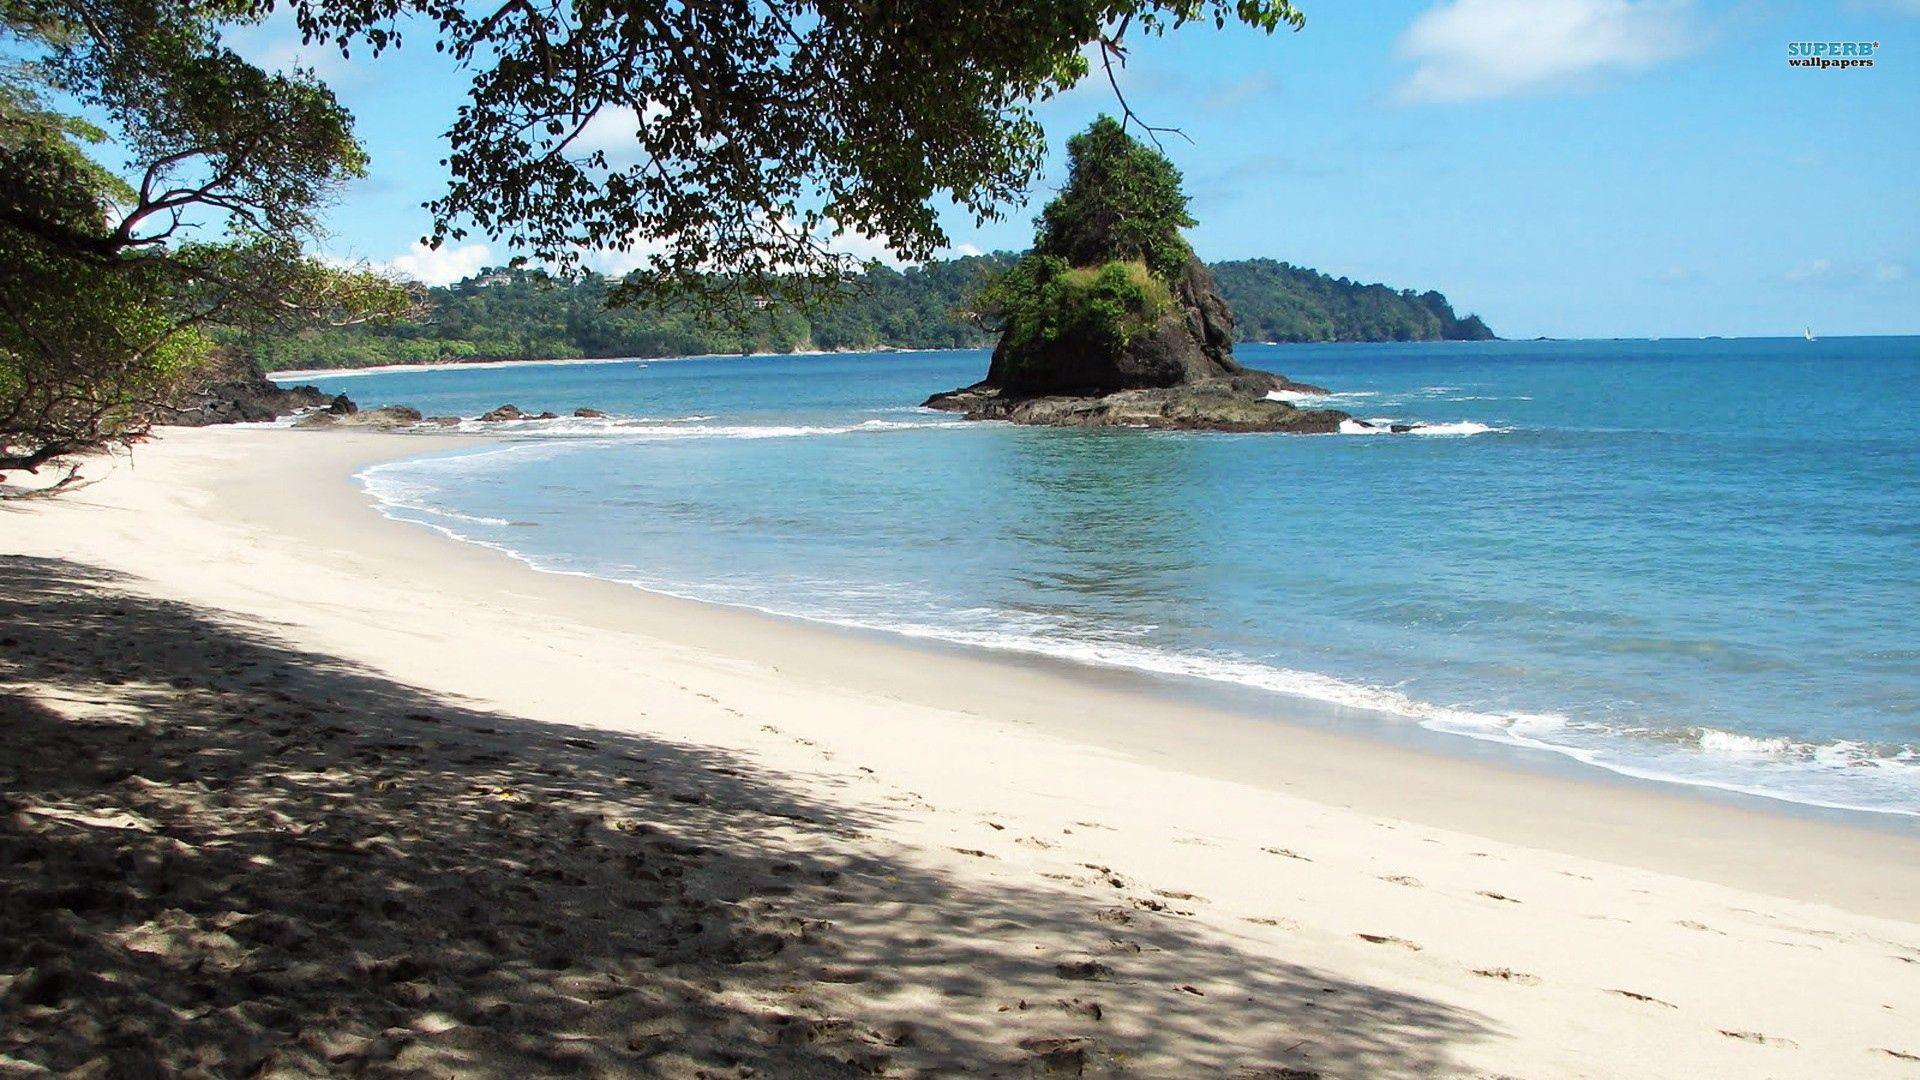 1920x1080 Island beach Hình nền cho máy tính để bàn 1920x1080